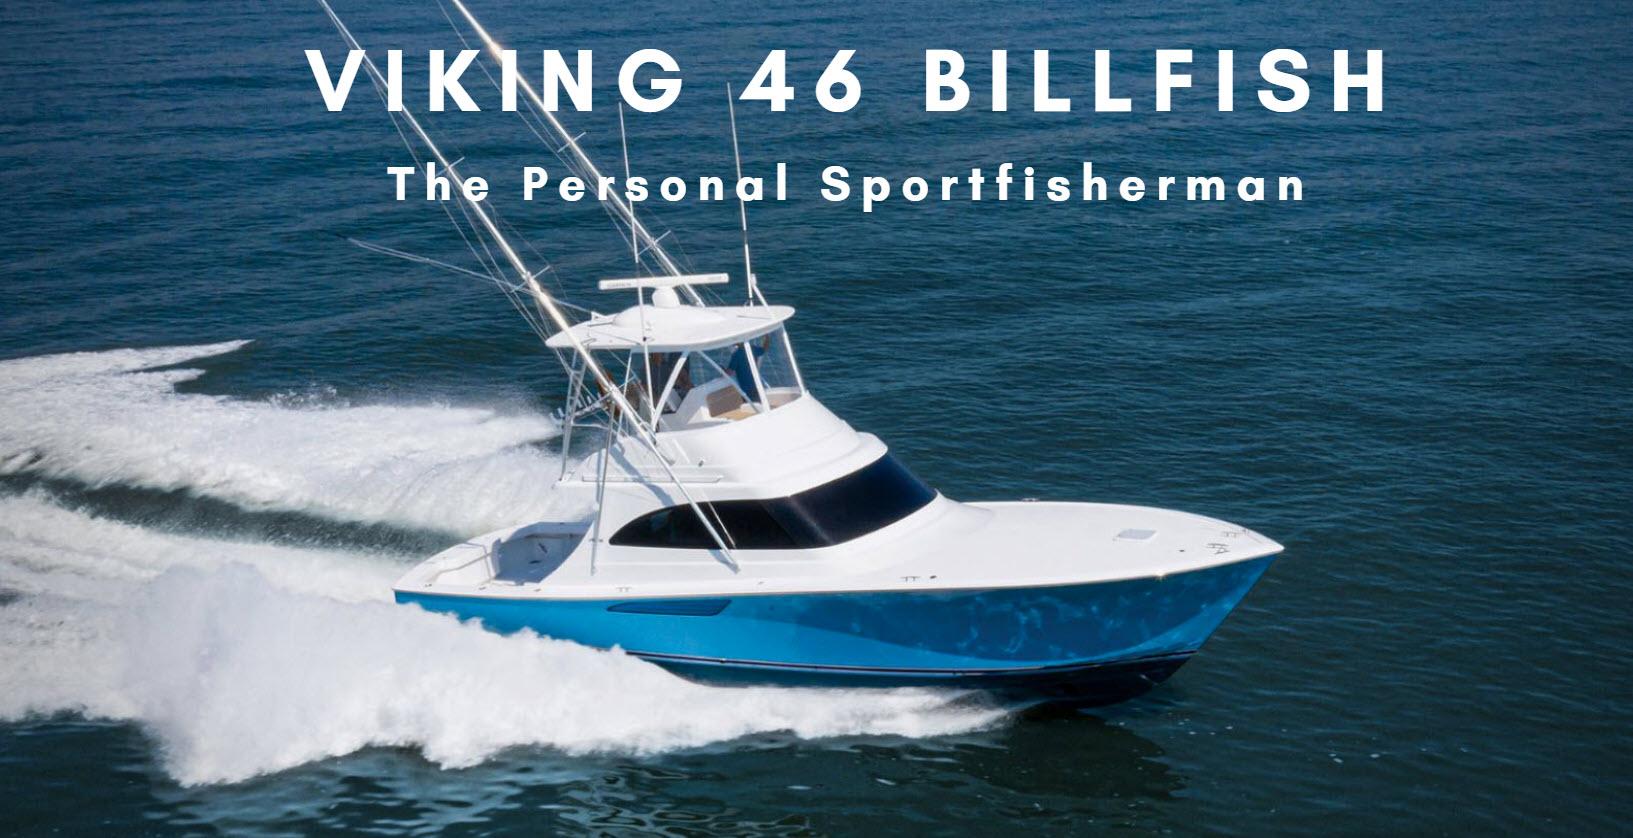 Viking Yacht 46 Billfish Sportfish